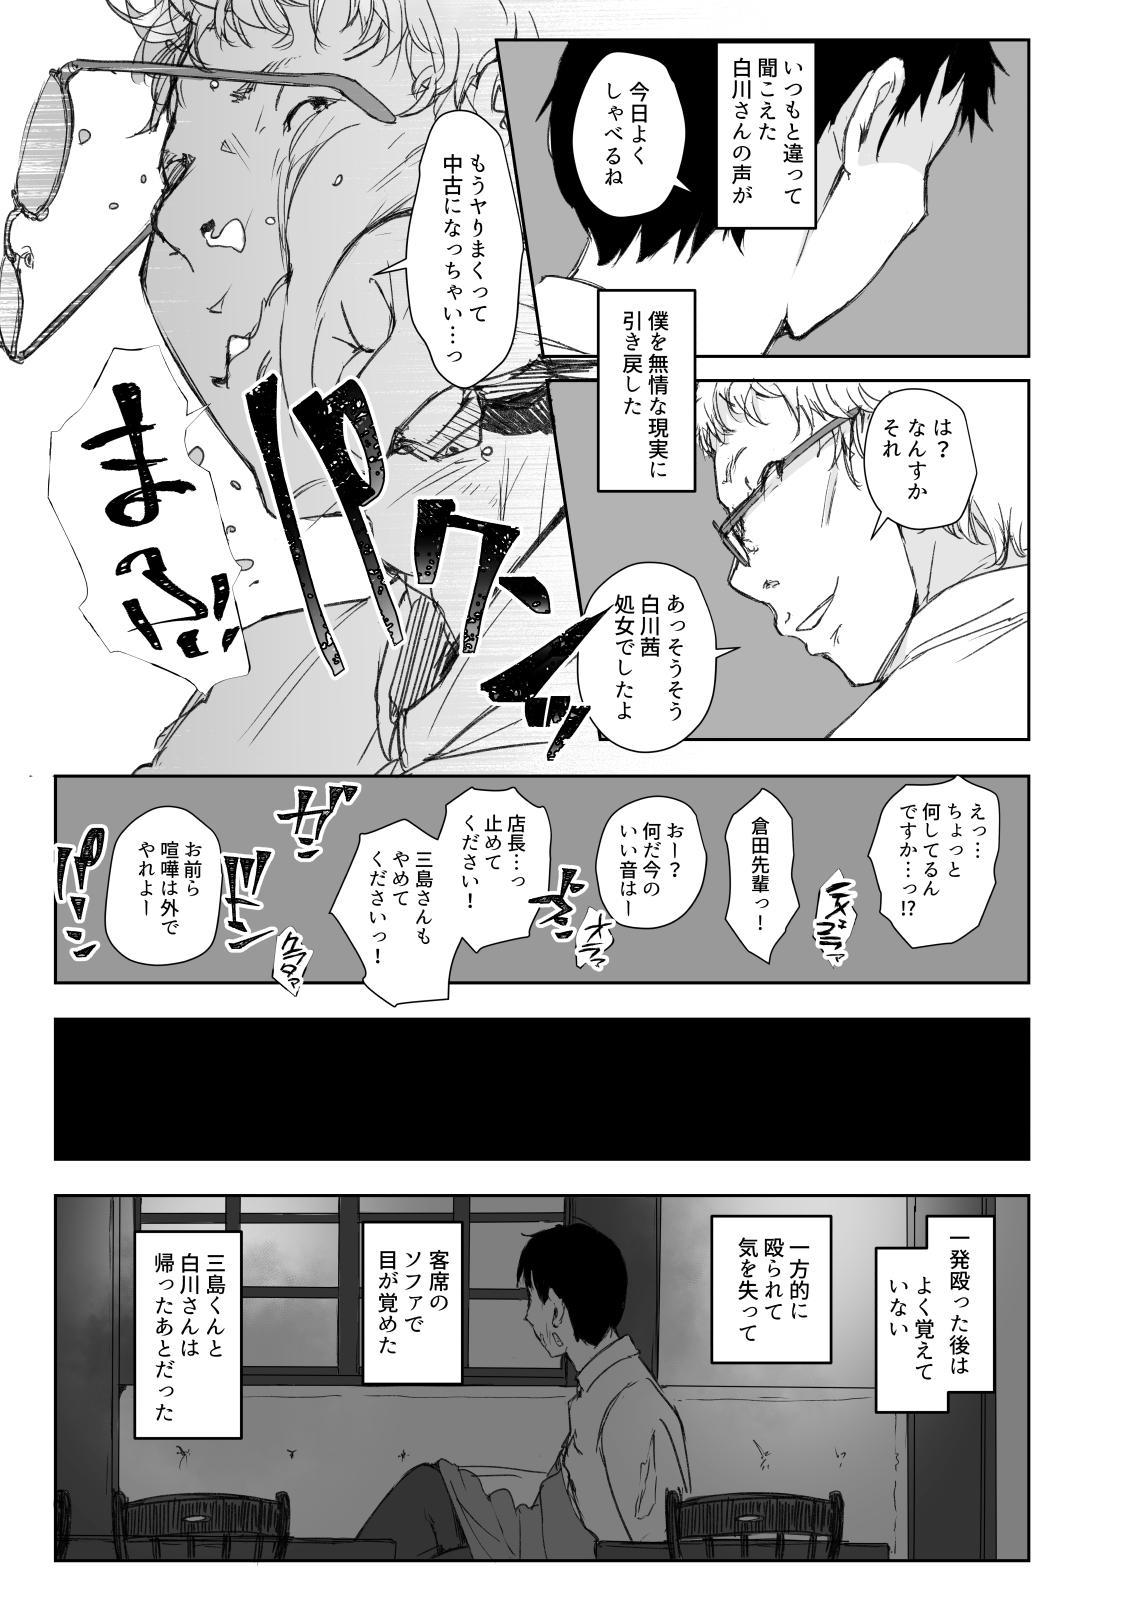 Shortcut de Megane no Niau Hitonatsukoi Beit no Kouhai ga Yarichin Douryou no Kuruma de Okurarete kara Mudankekkin Shiteiru + Omake 20